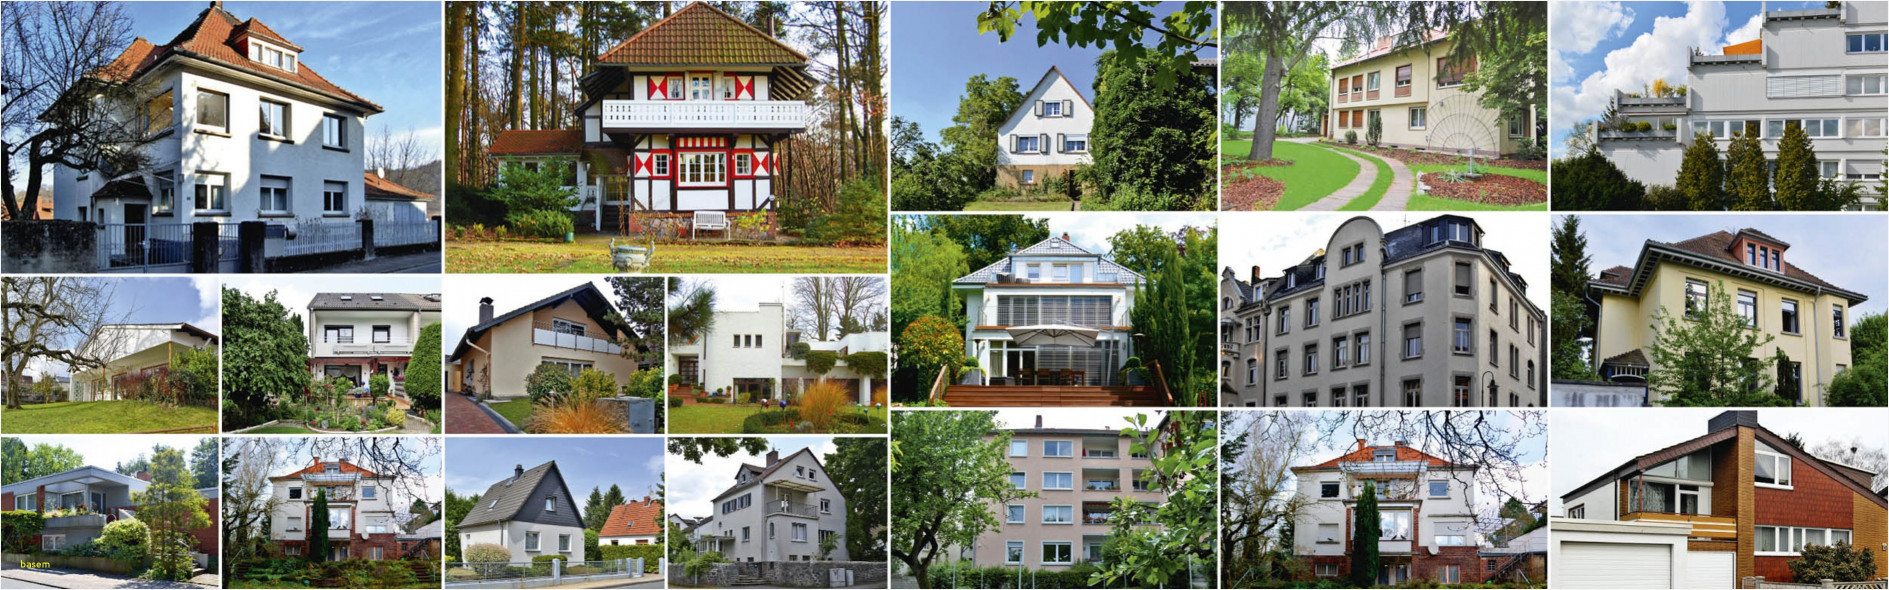 Wohnung Bremen  4 Raum Wohnung Erfurt Fantastisch Wohnung Auf Sylt Mieten